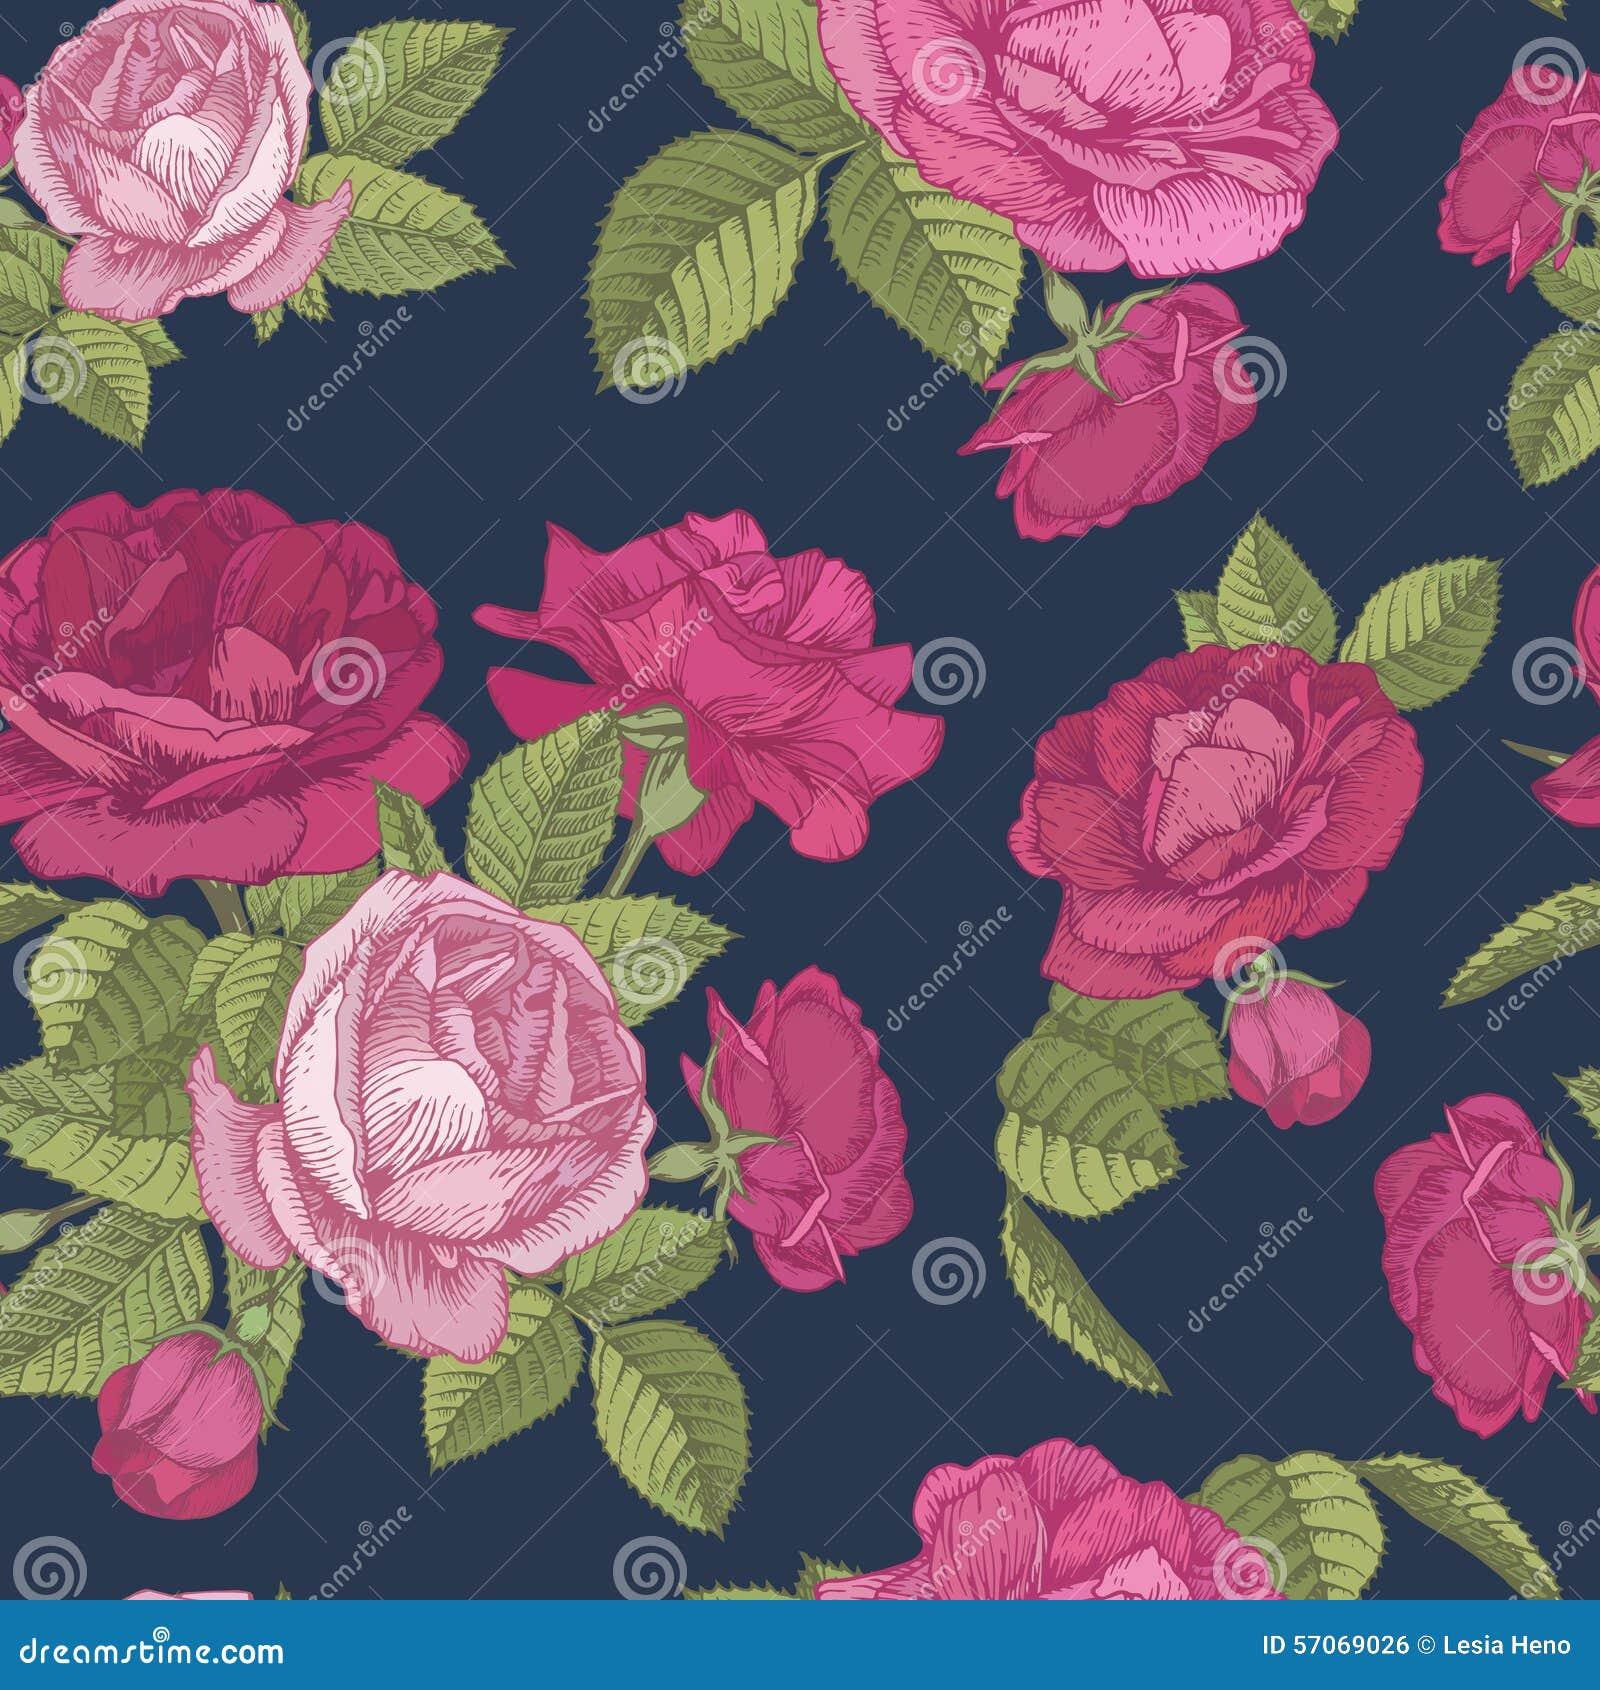 Vector bloemen naadloos patroon met boeketten van rode en roze rozen op donkerblauwe achtergrond